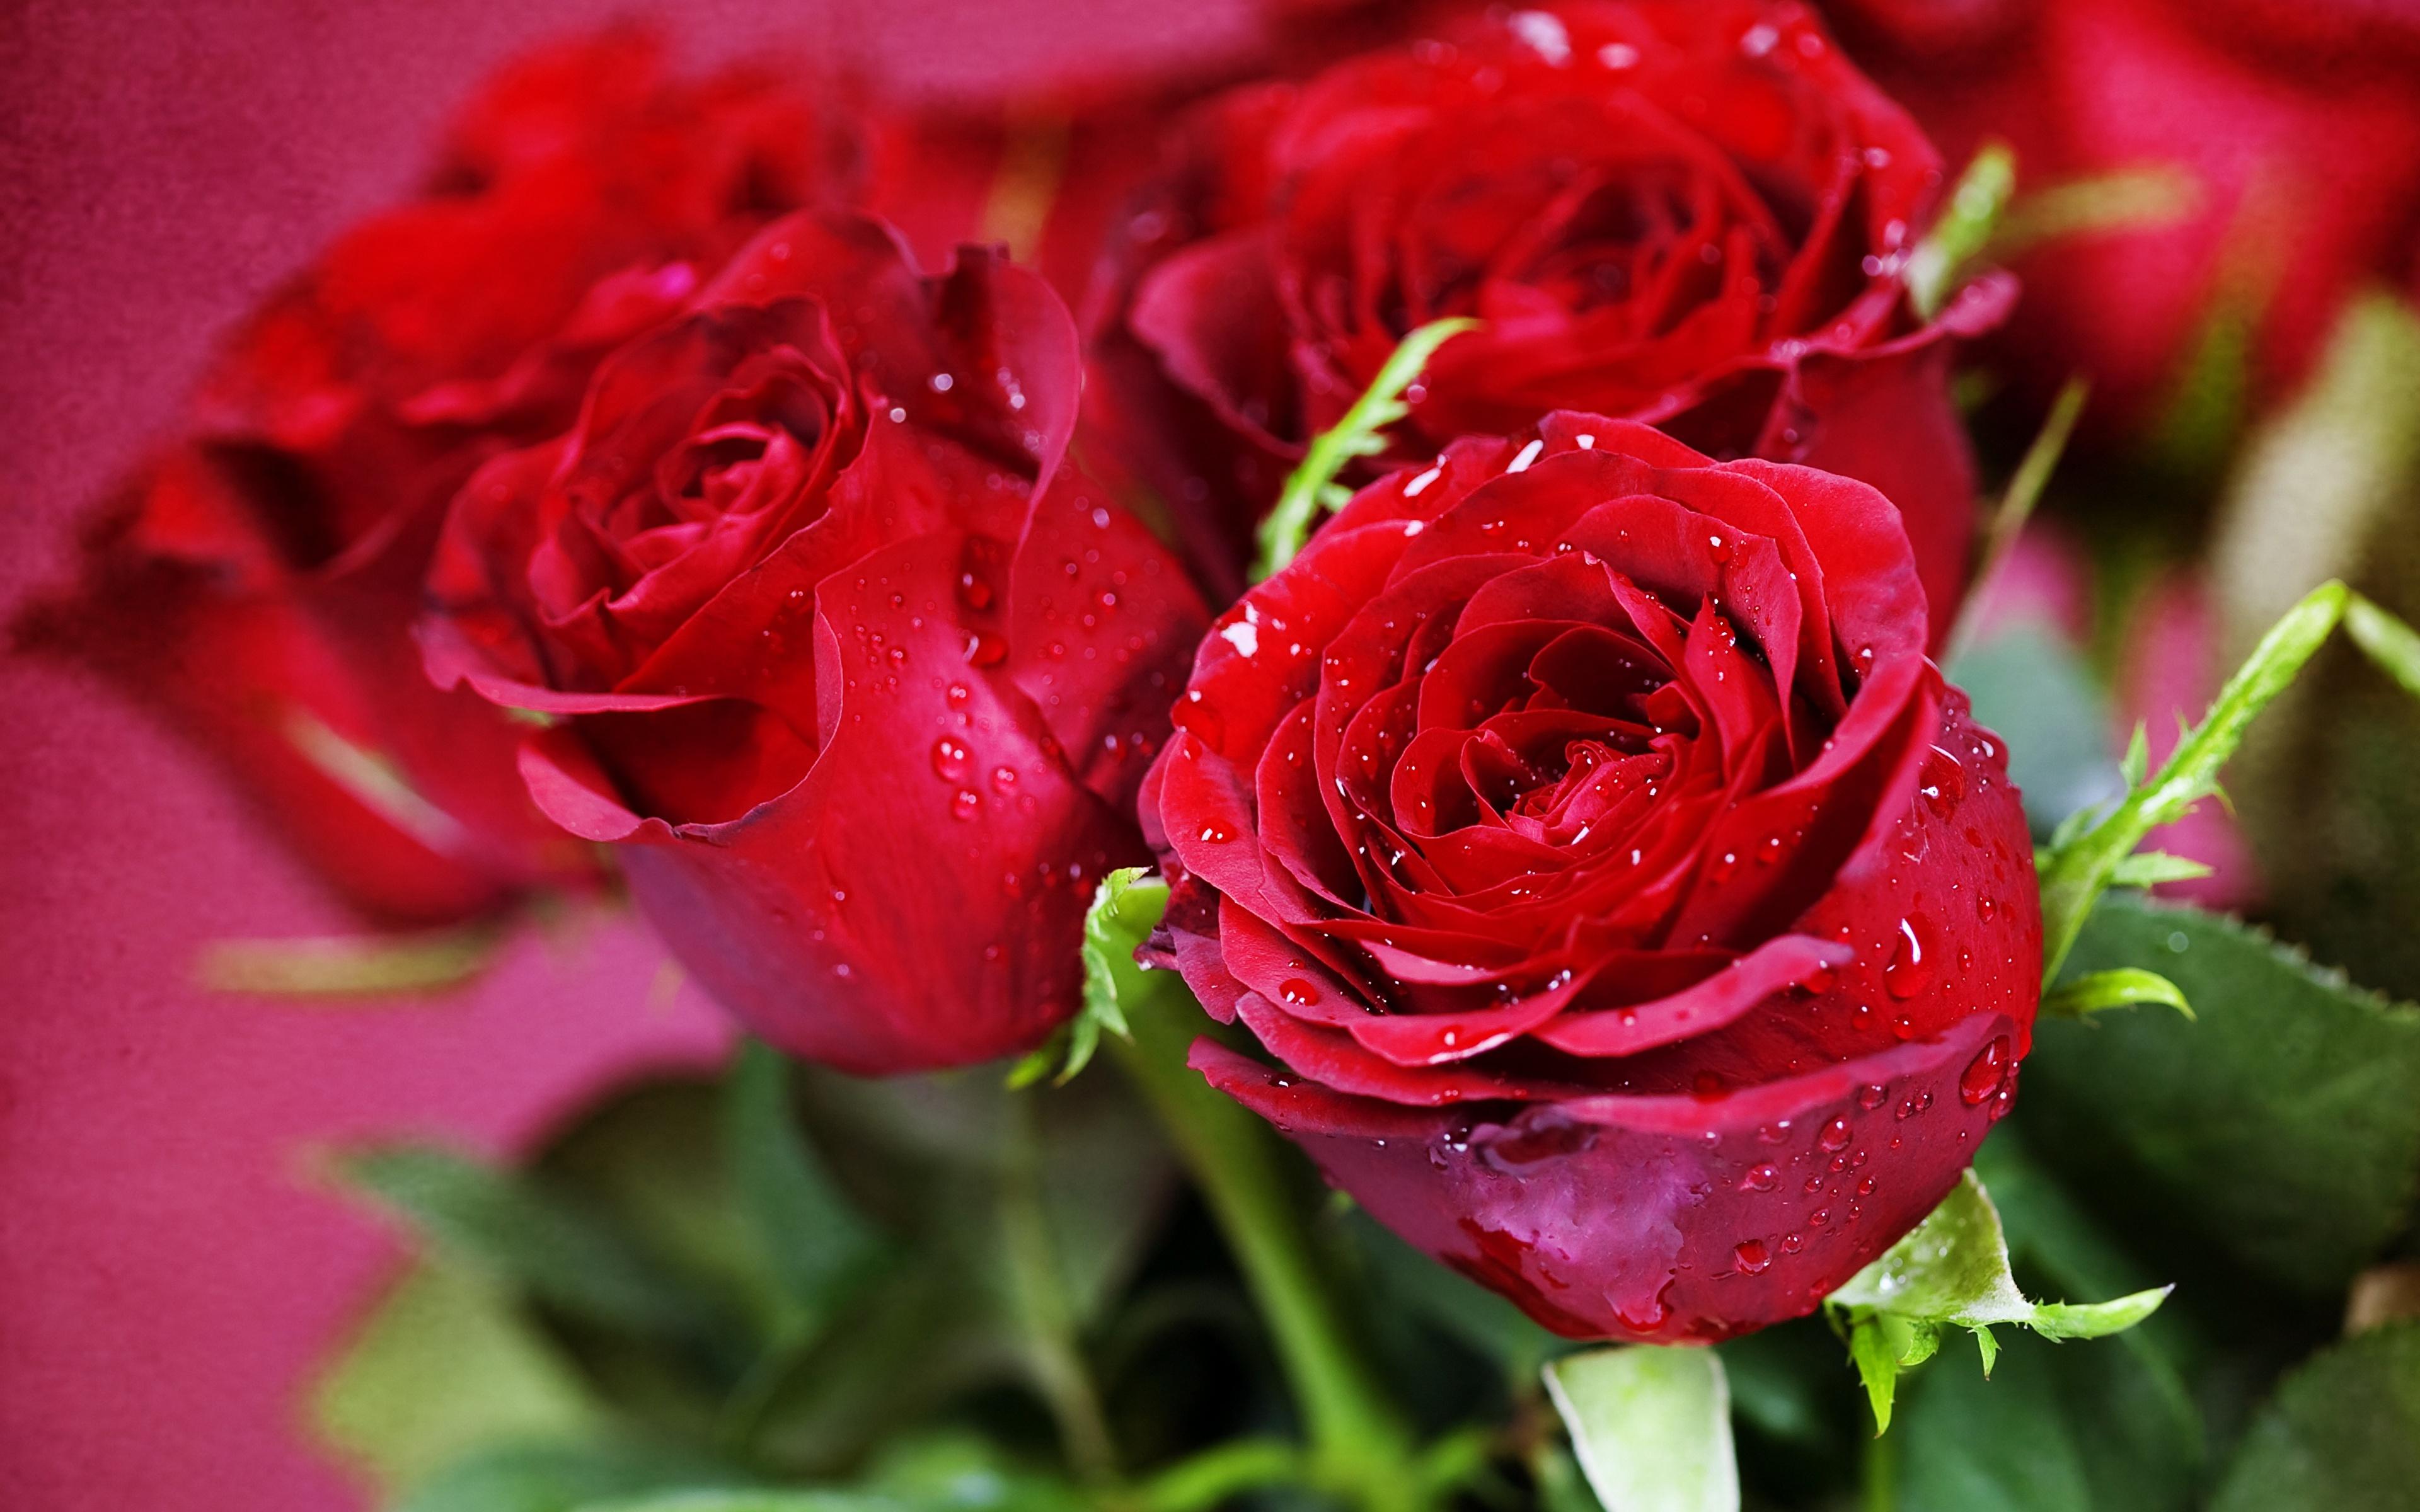 обои на рабочий стол самые красивые розы для тебя № 164789 загрузить